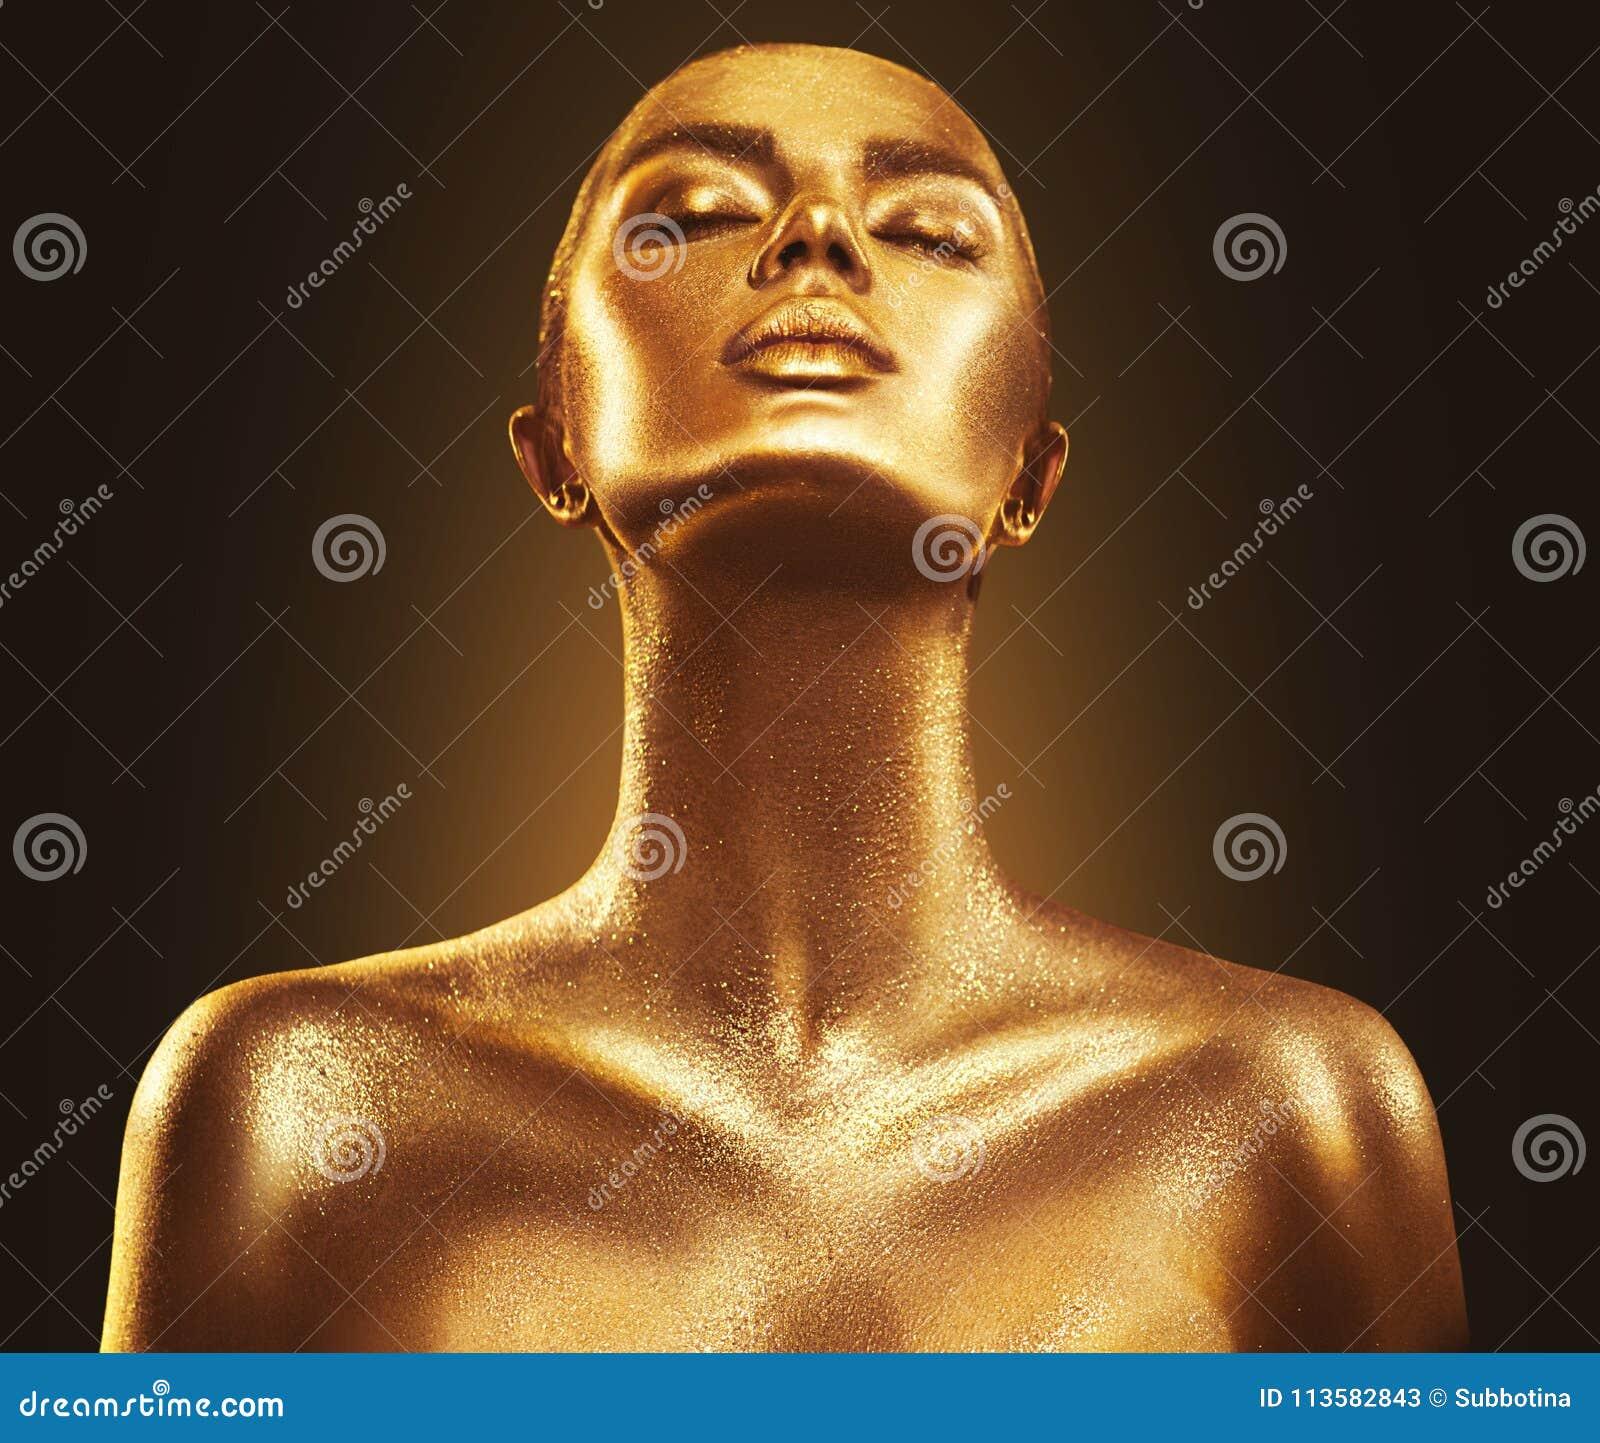 Hautfrauen-Porträtnahaufnahme der Modekunst goldene Gold, Schmuck, Zubehör Vorbildliches Mädchen mit goldenem glänzendem Make-up